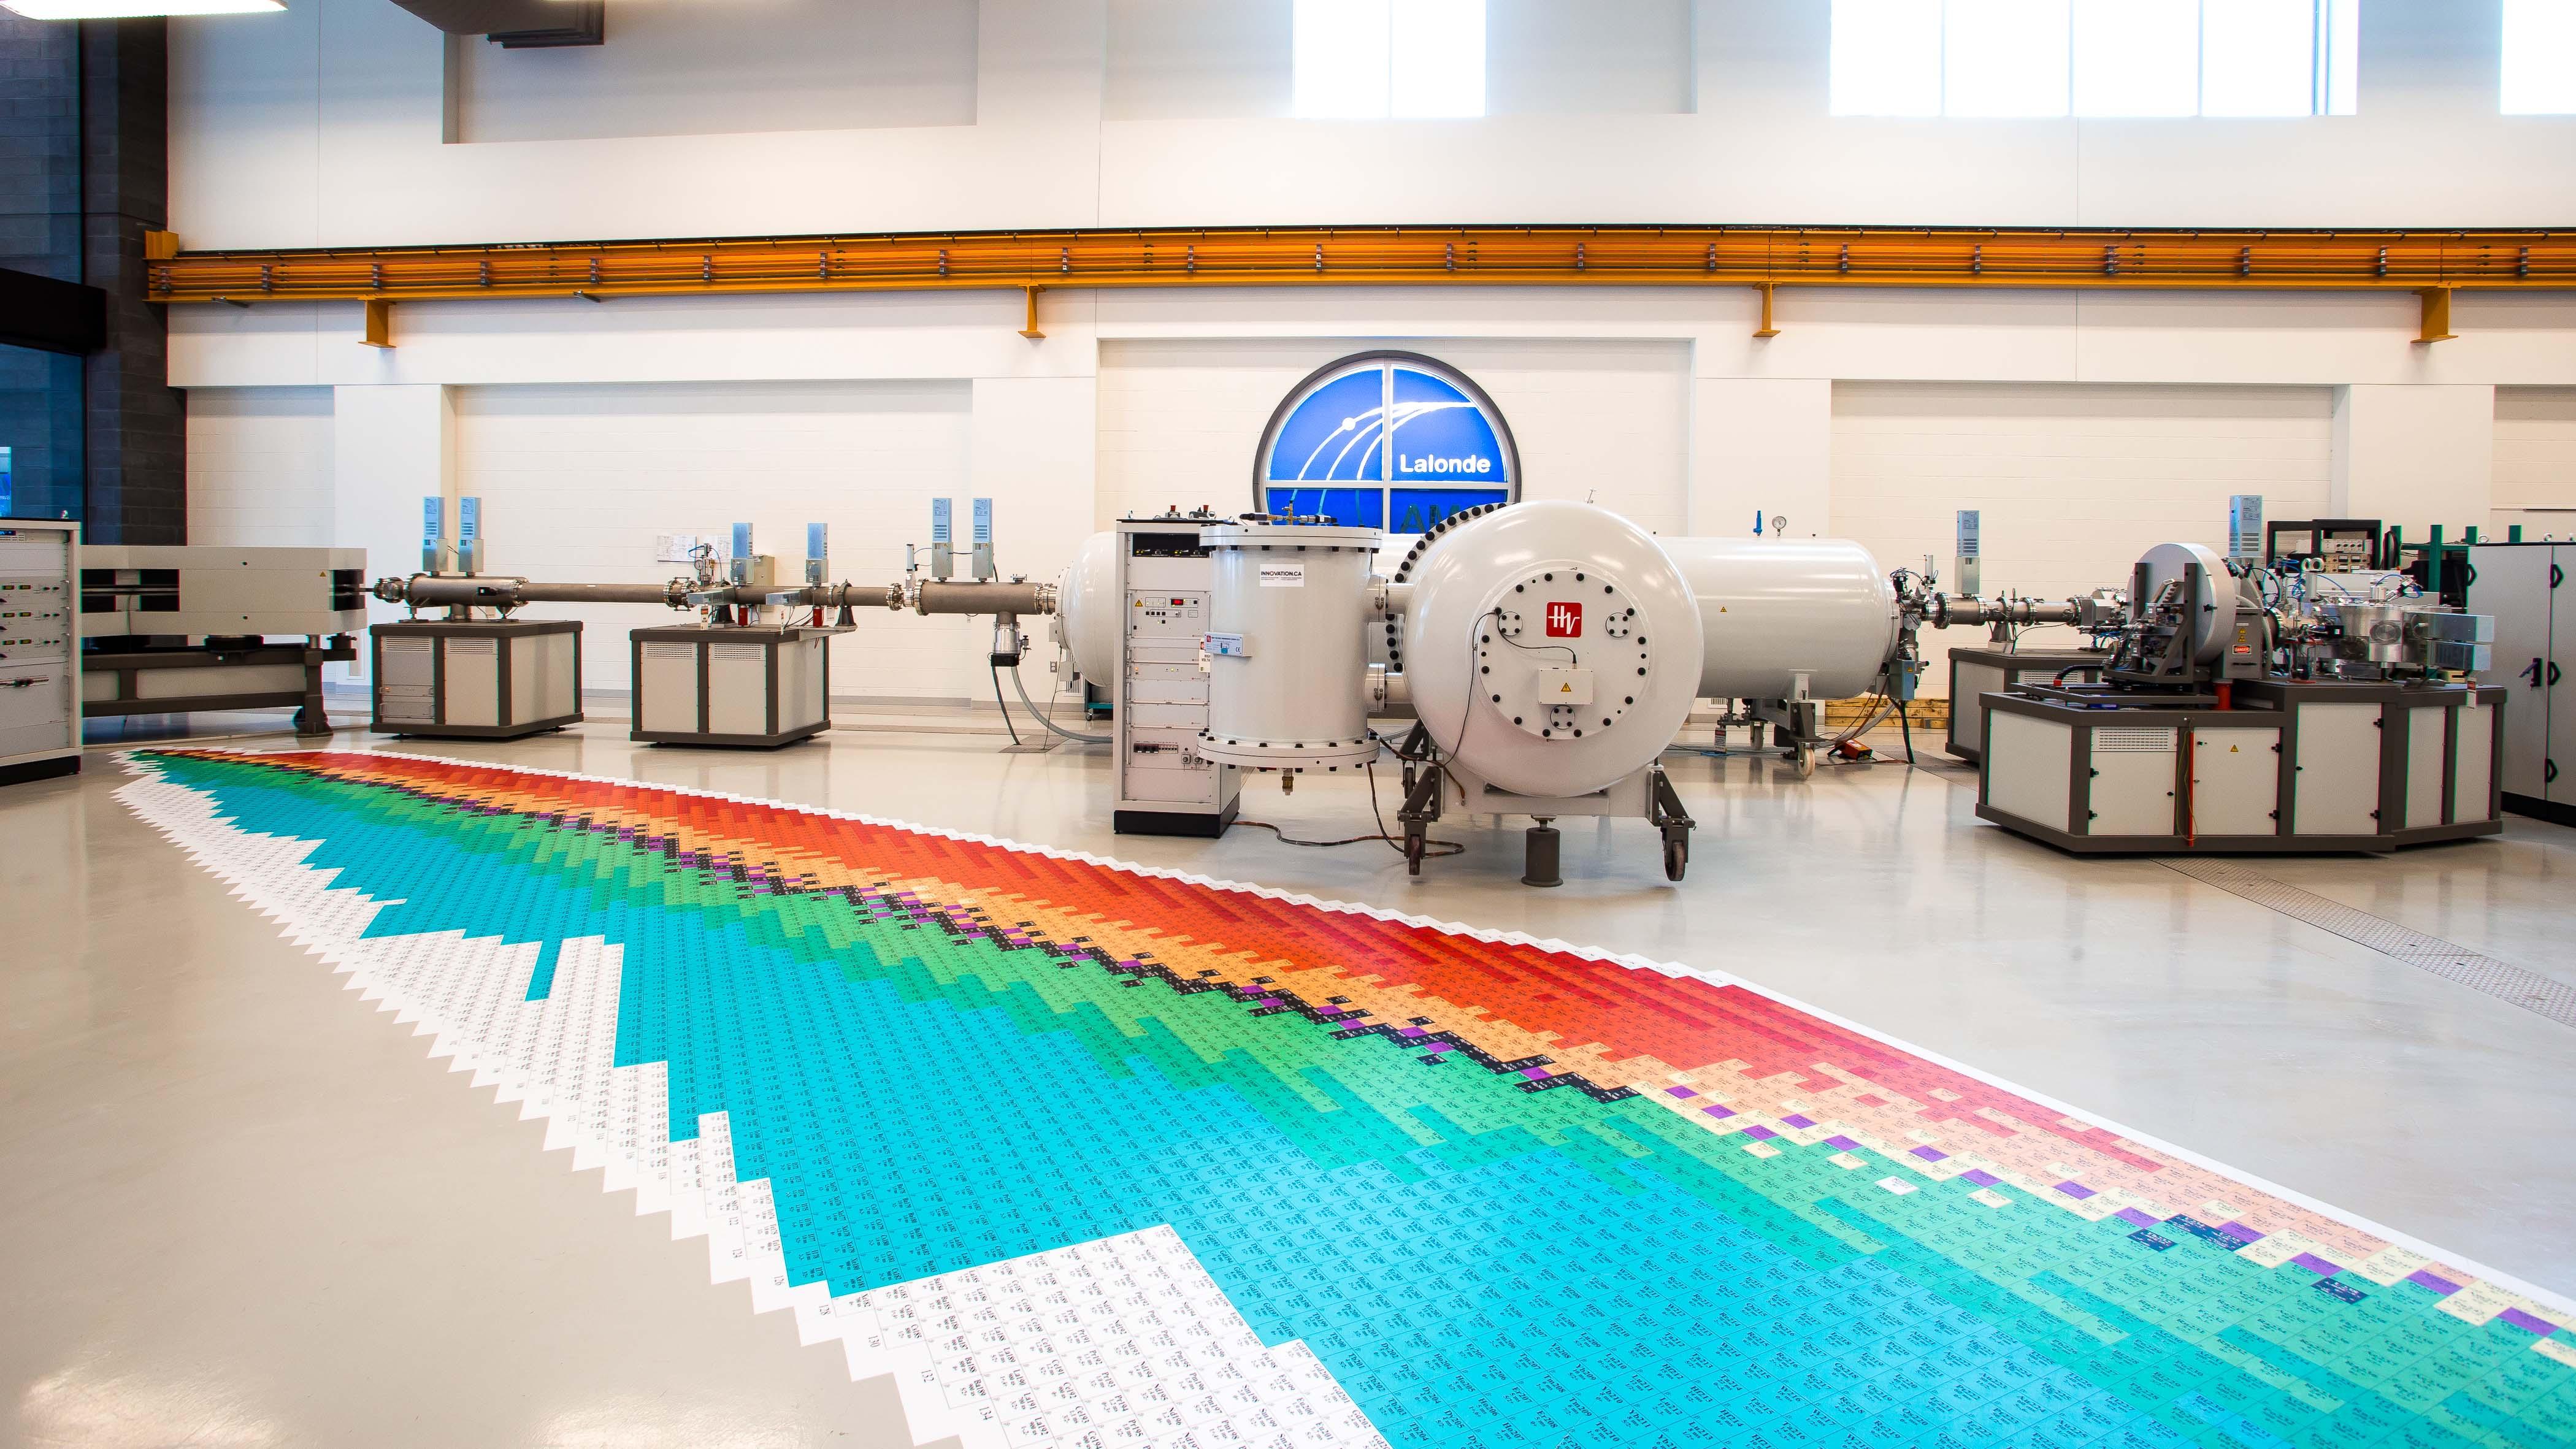 Intérieur du laboratoire avec un immense tableau périodique imprimé sur le sol